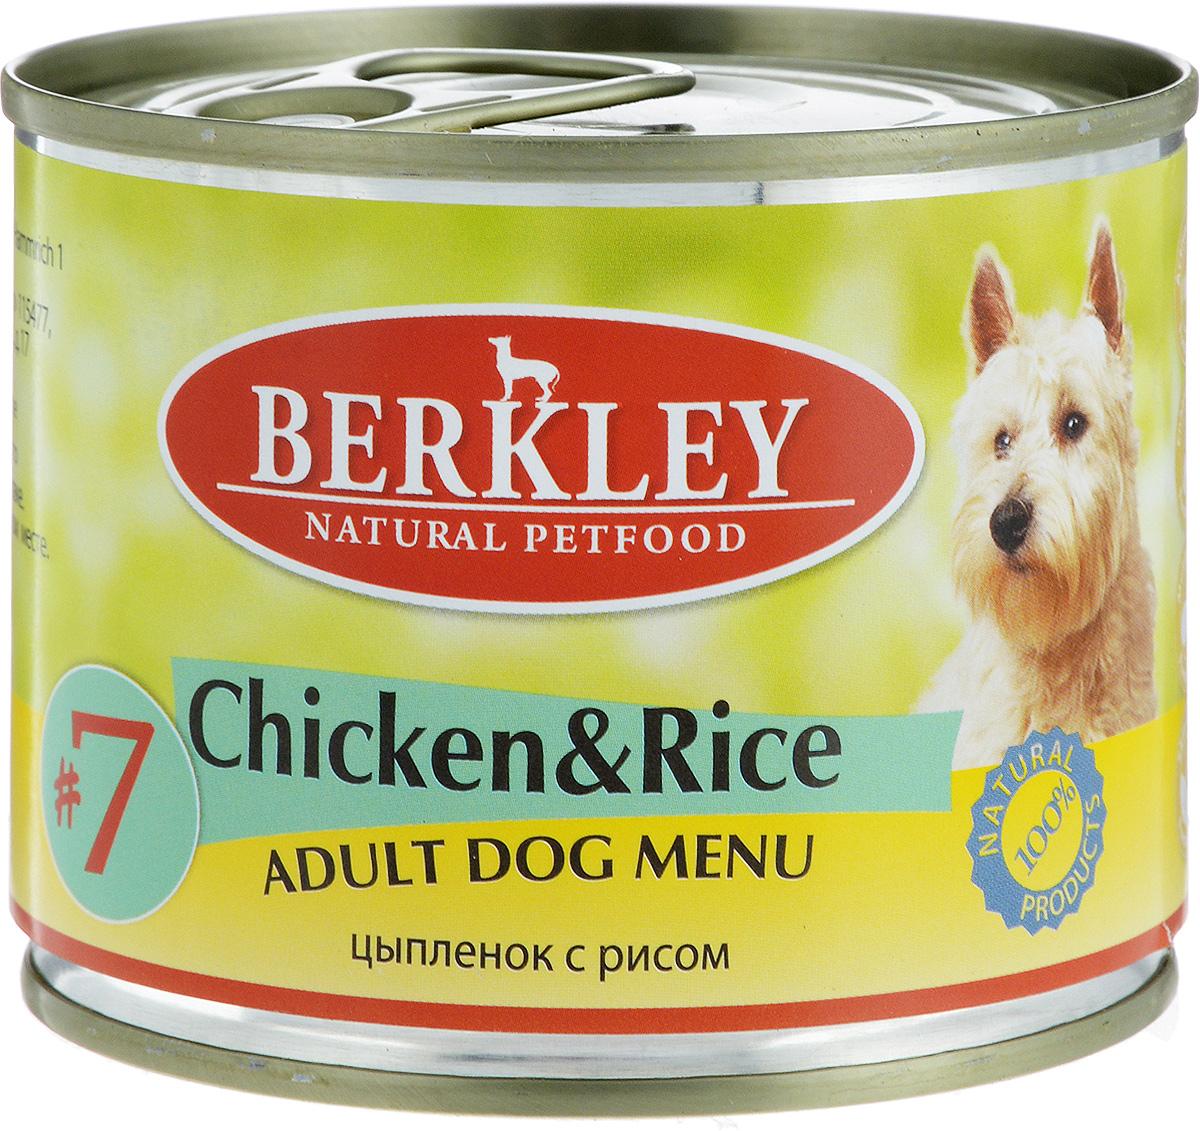 Консервы Berkley №7, для взрослых собак, цыпленок с рисом, 200 г0120710Консервы Berkley №7 - полноценное консервированное питание для взрослых собак. Не содержат сои, консервантов, искусственных красителей и ароматизаторов. Корм полностью удовлетворяет ежедневные энергетические потребности животного и обеспечивает оптимальное функционирование пищеварительной системы.Товар сертифицирован.